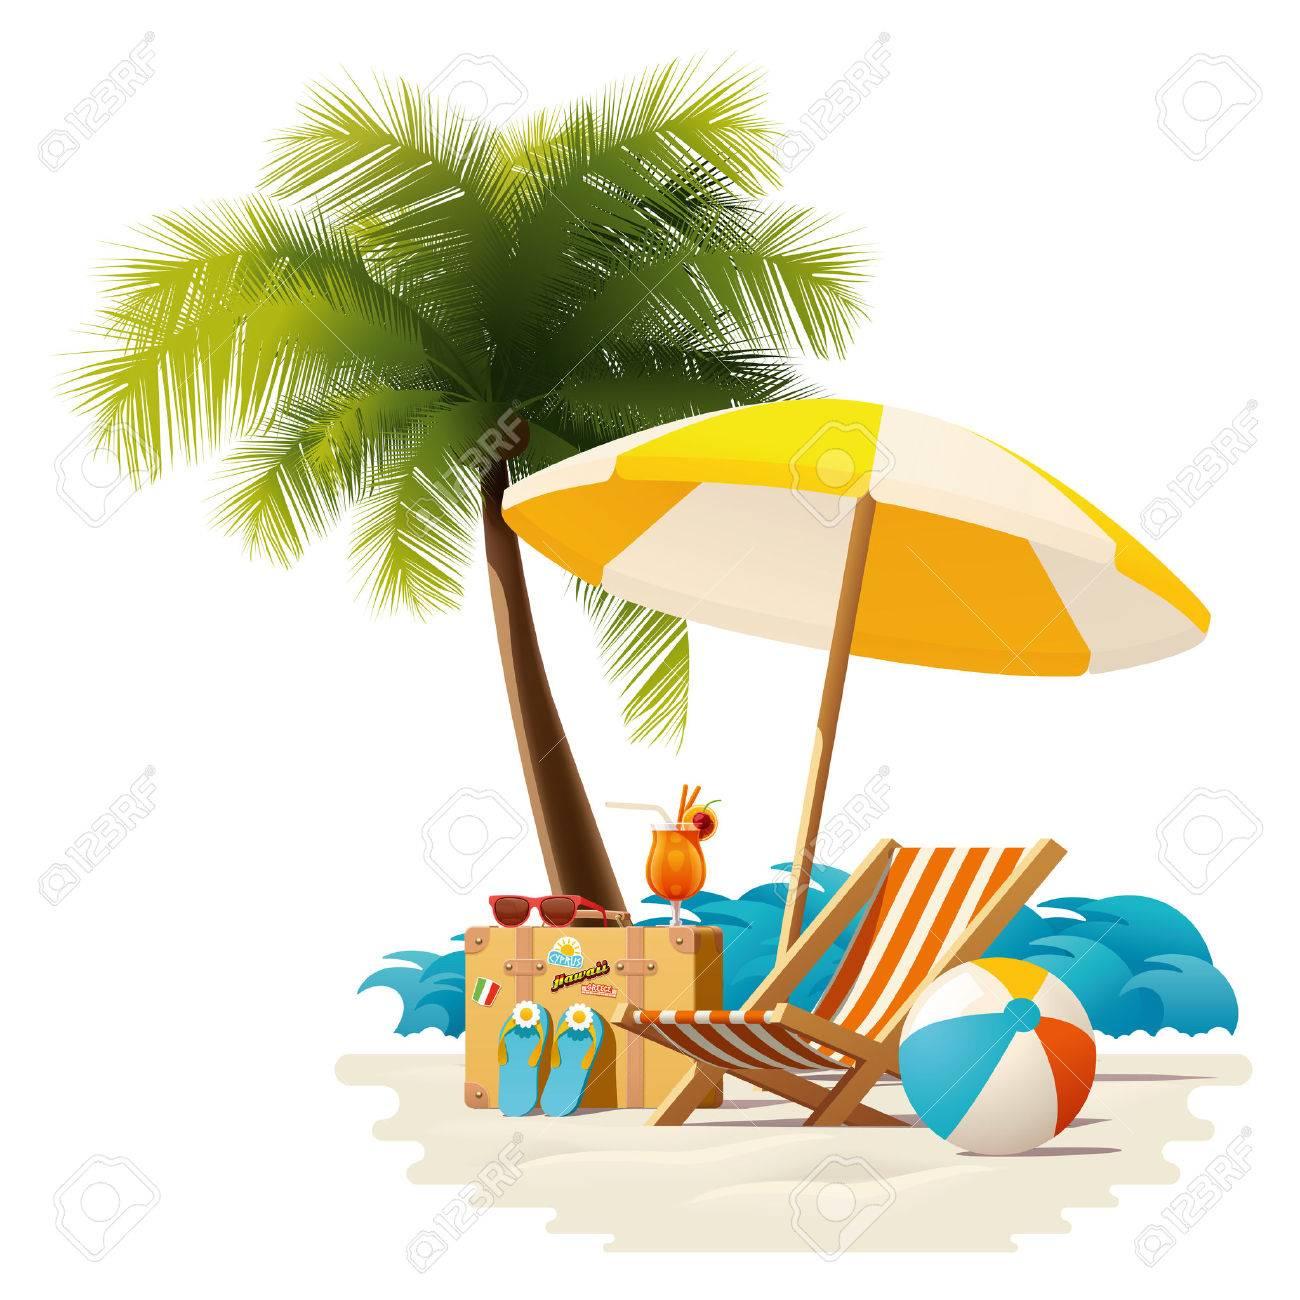 Liegestuhl mit sonnenschirm strand  Detaillierte Symbol Vektor, Der Liegestuhl, Reisekoffer ...